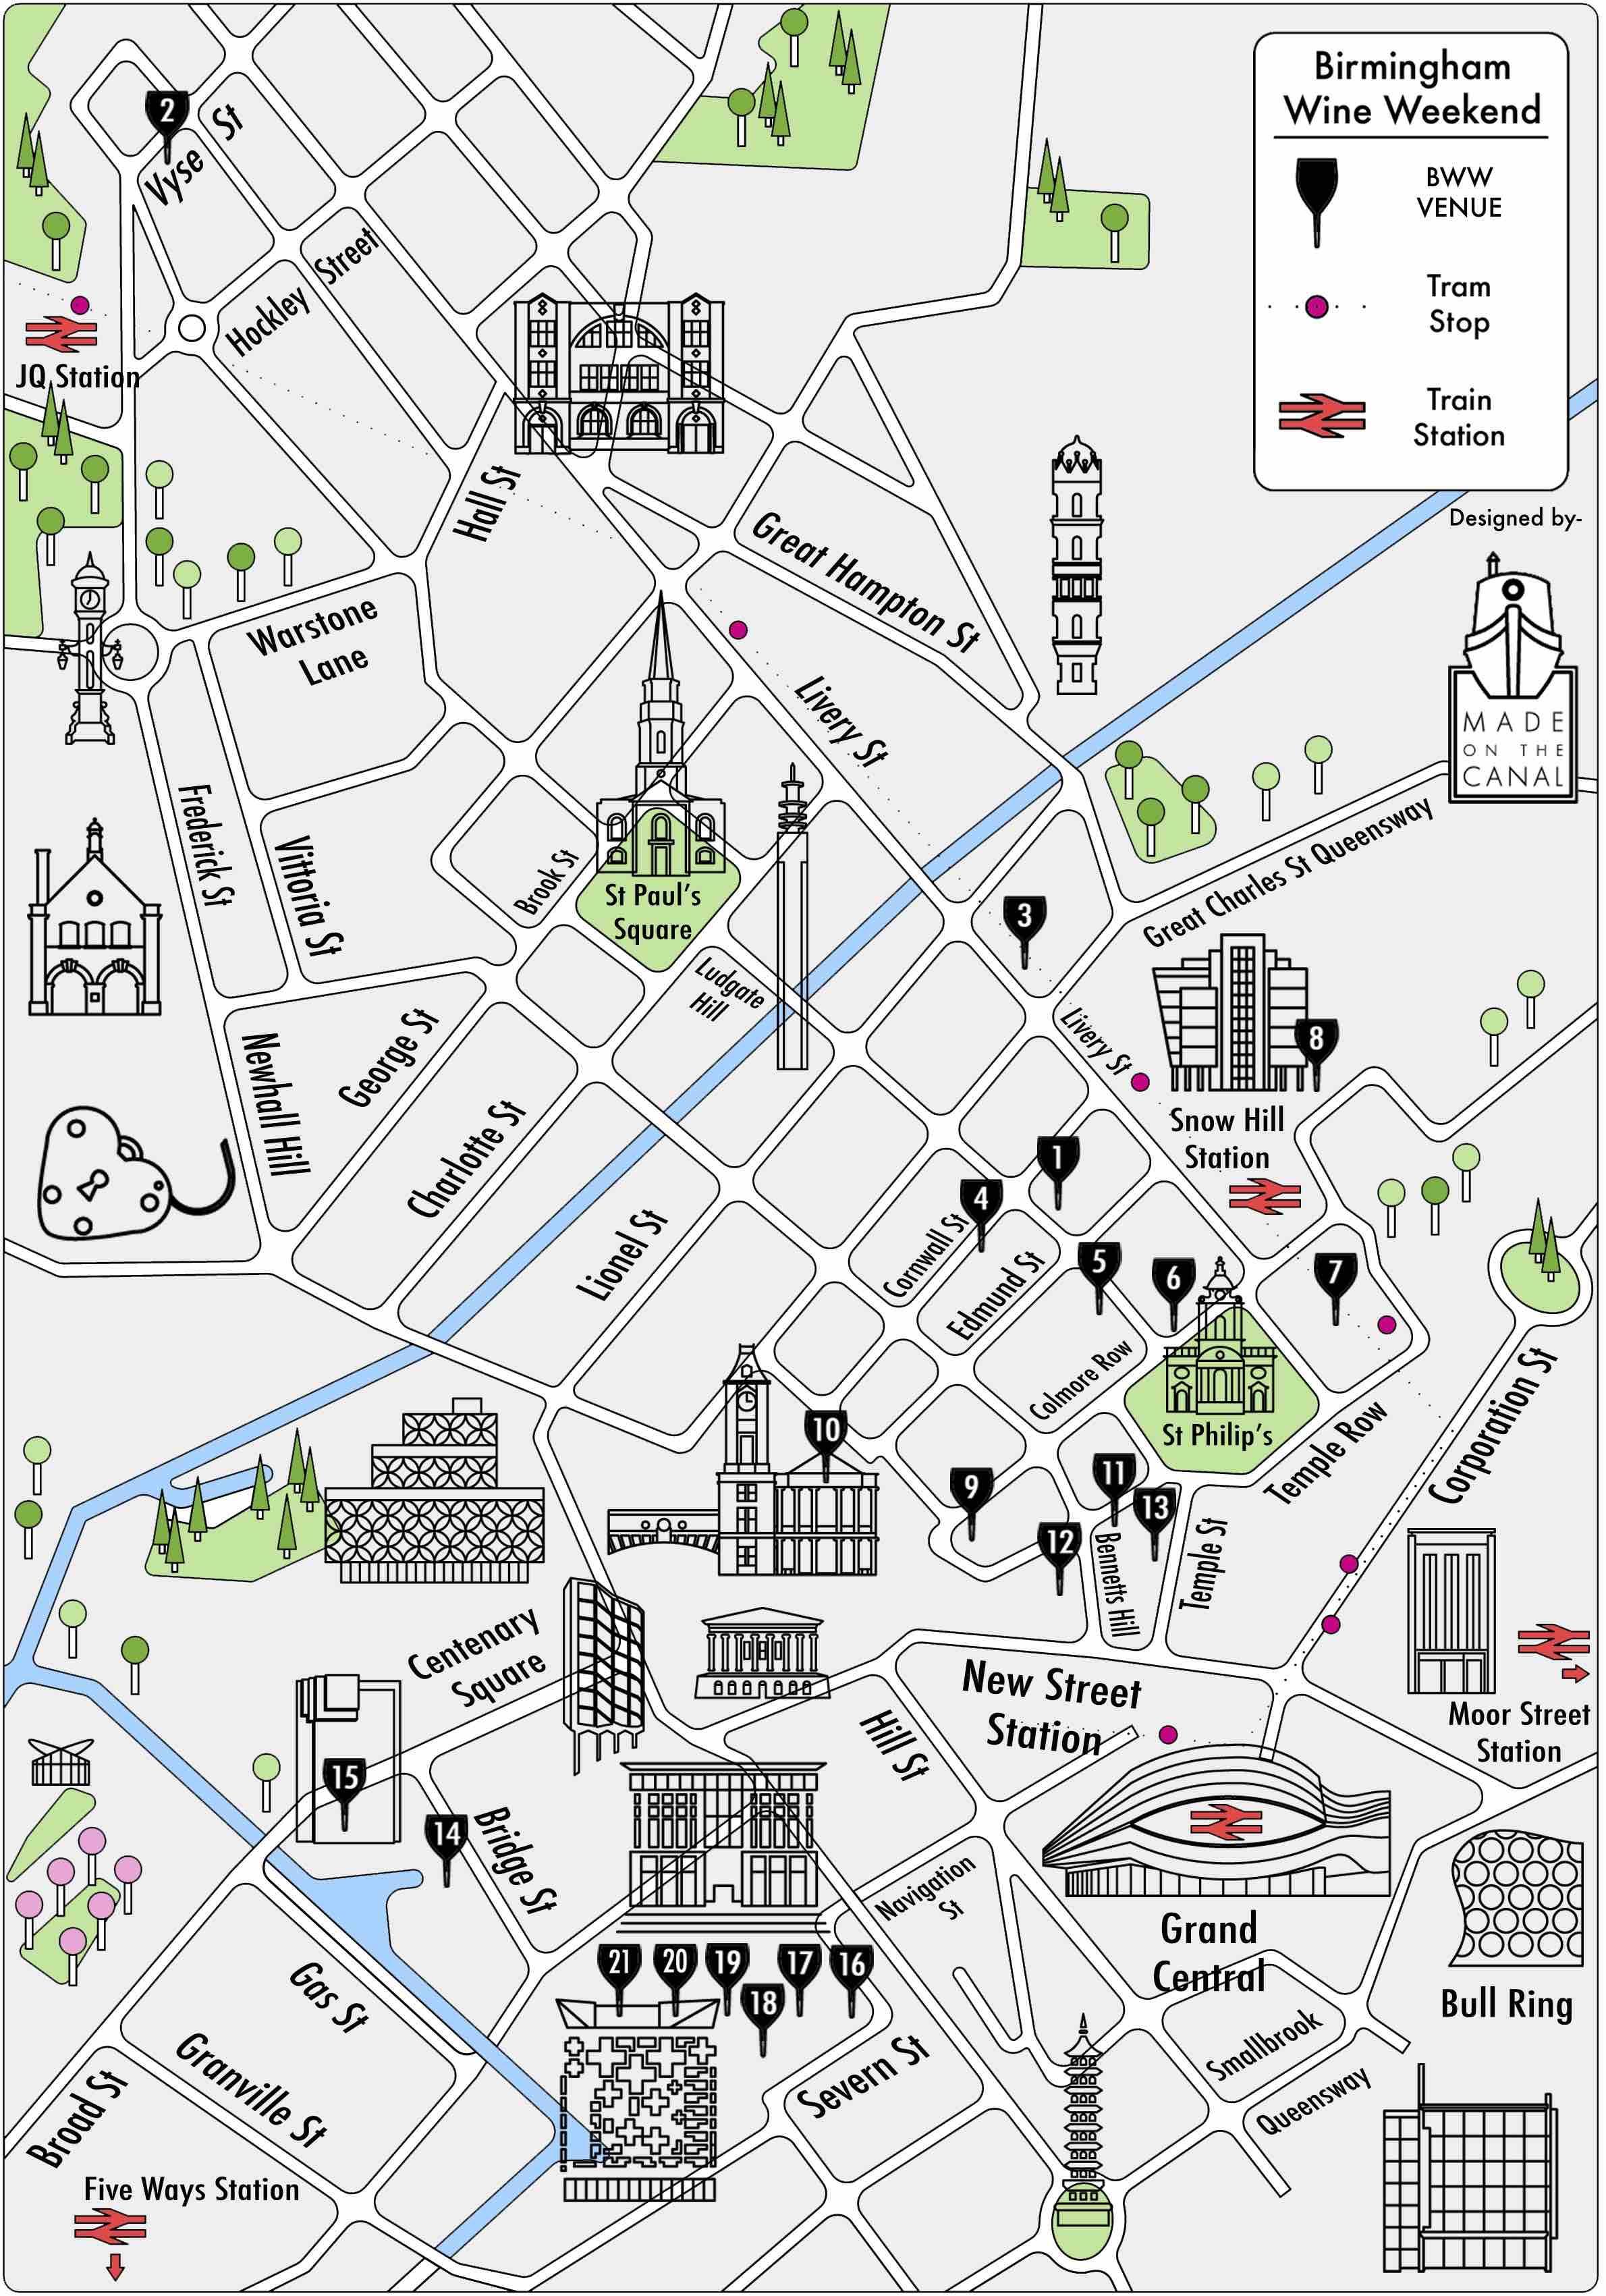 wine-weekend-map-2018.jpg